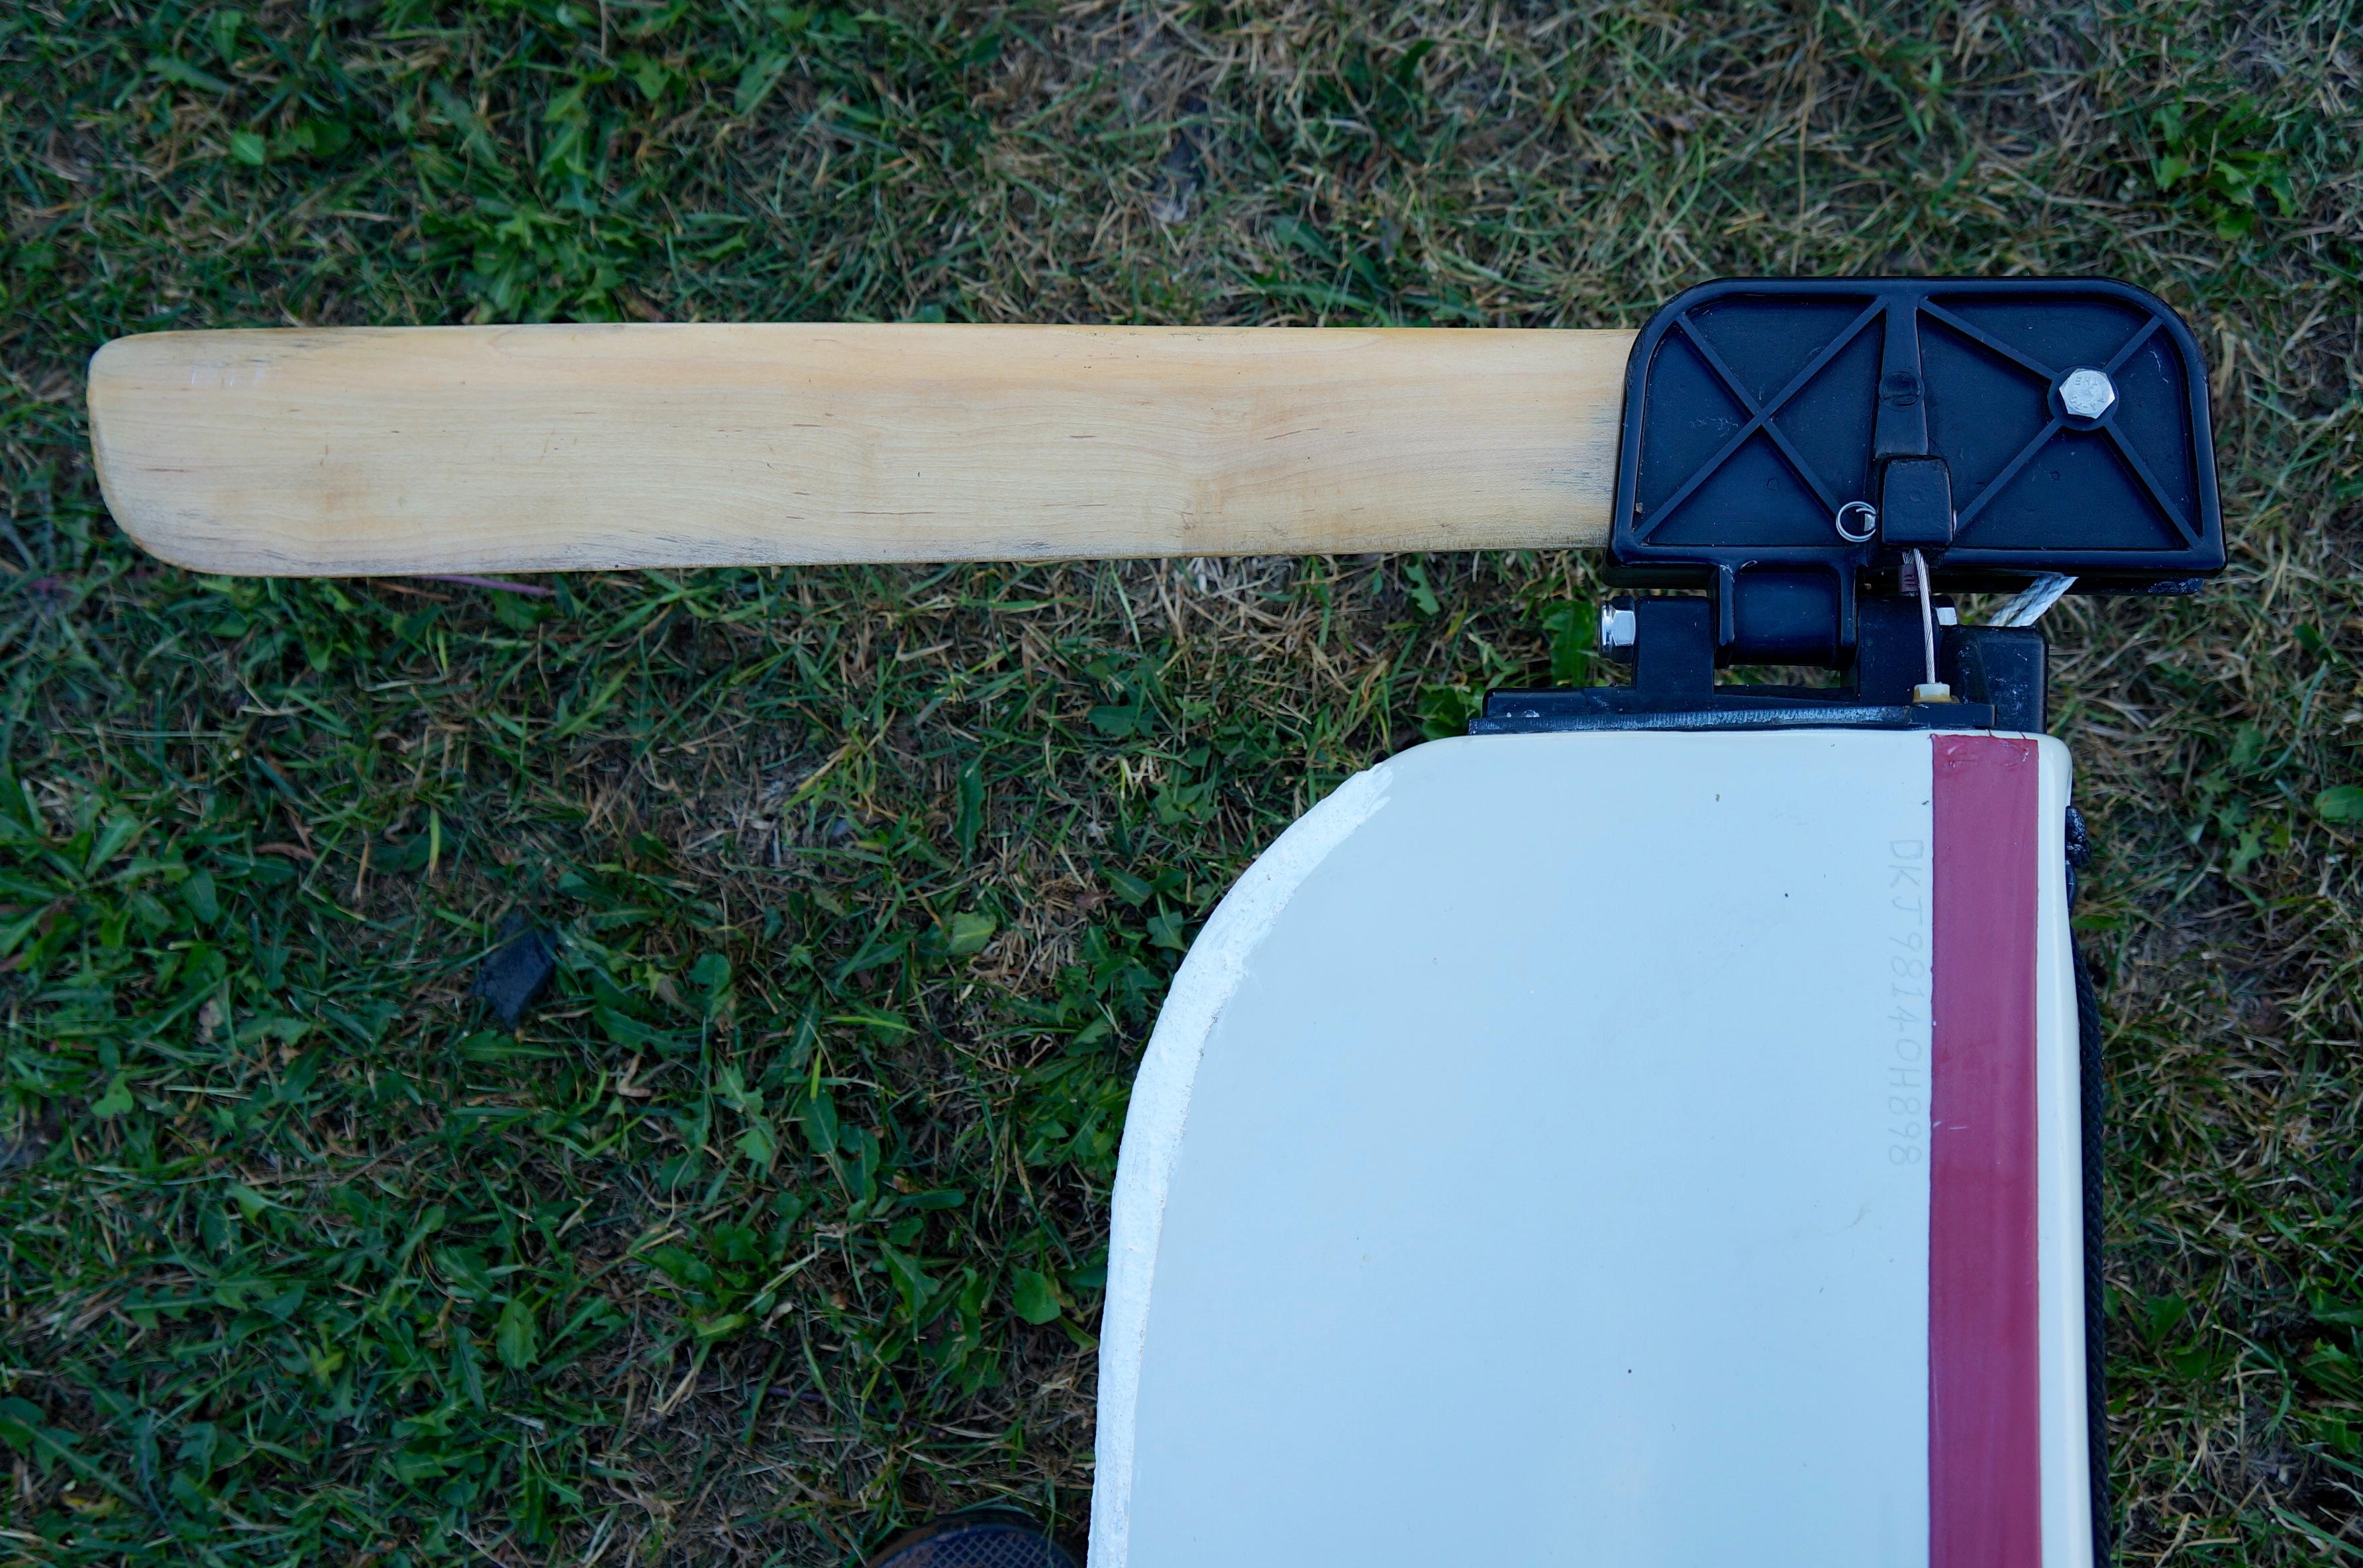 Marda: This Diy kayak rudder kit